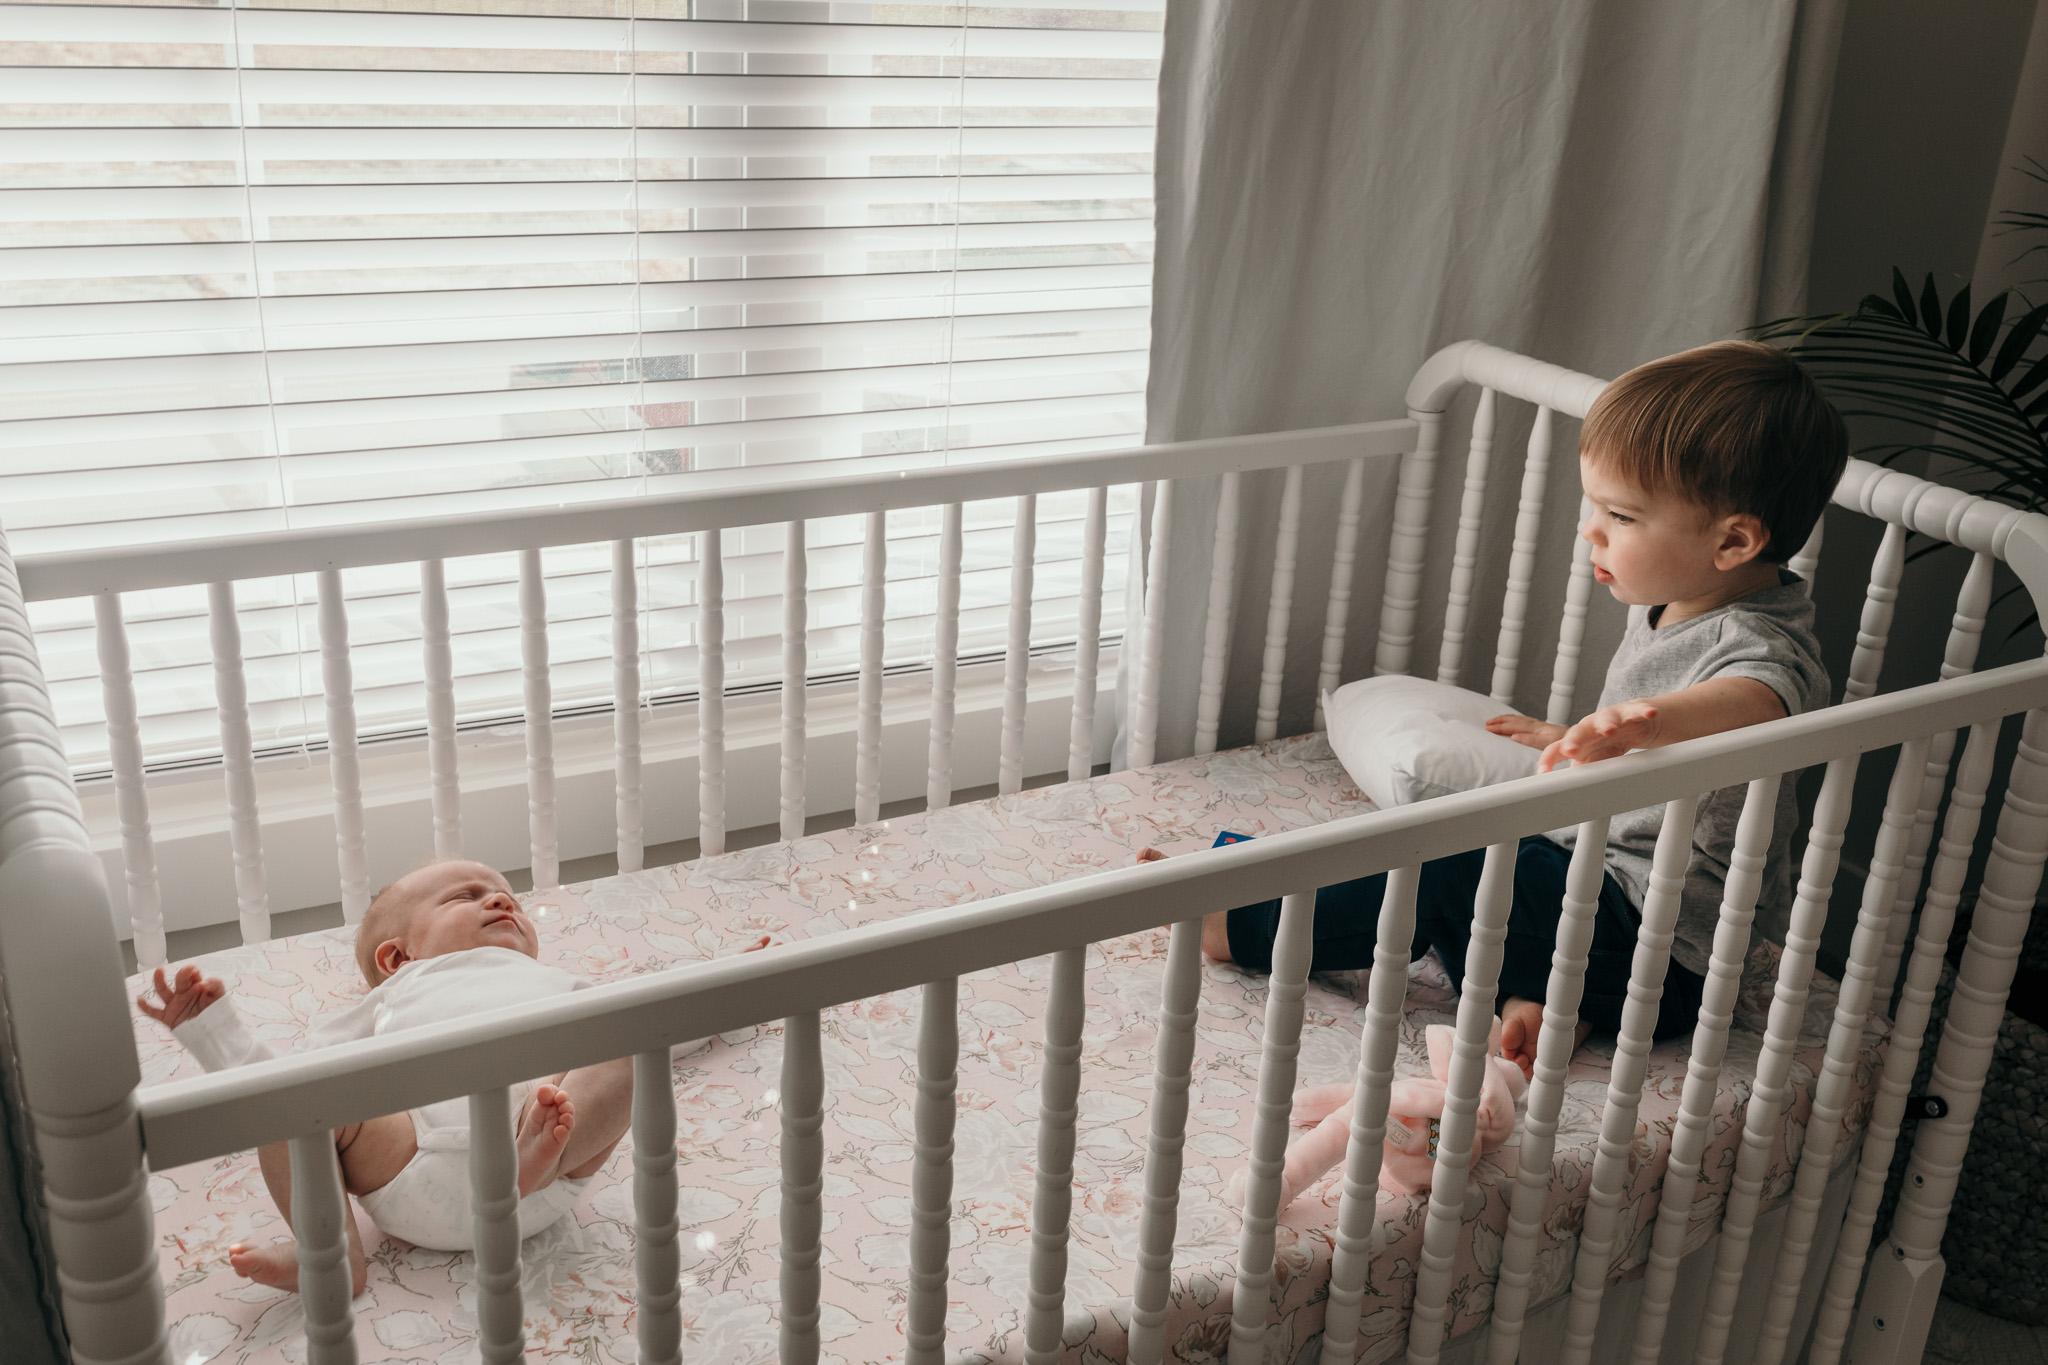 Siblings Playing in Crib